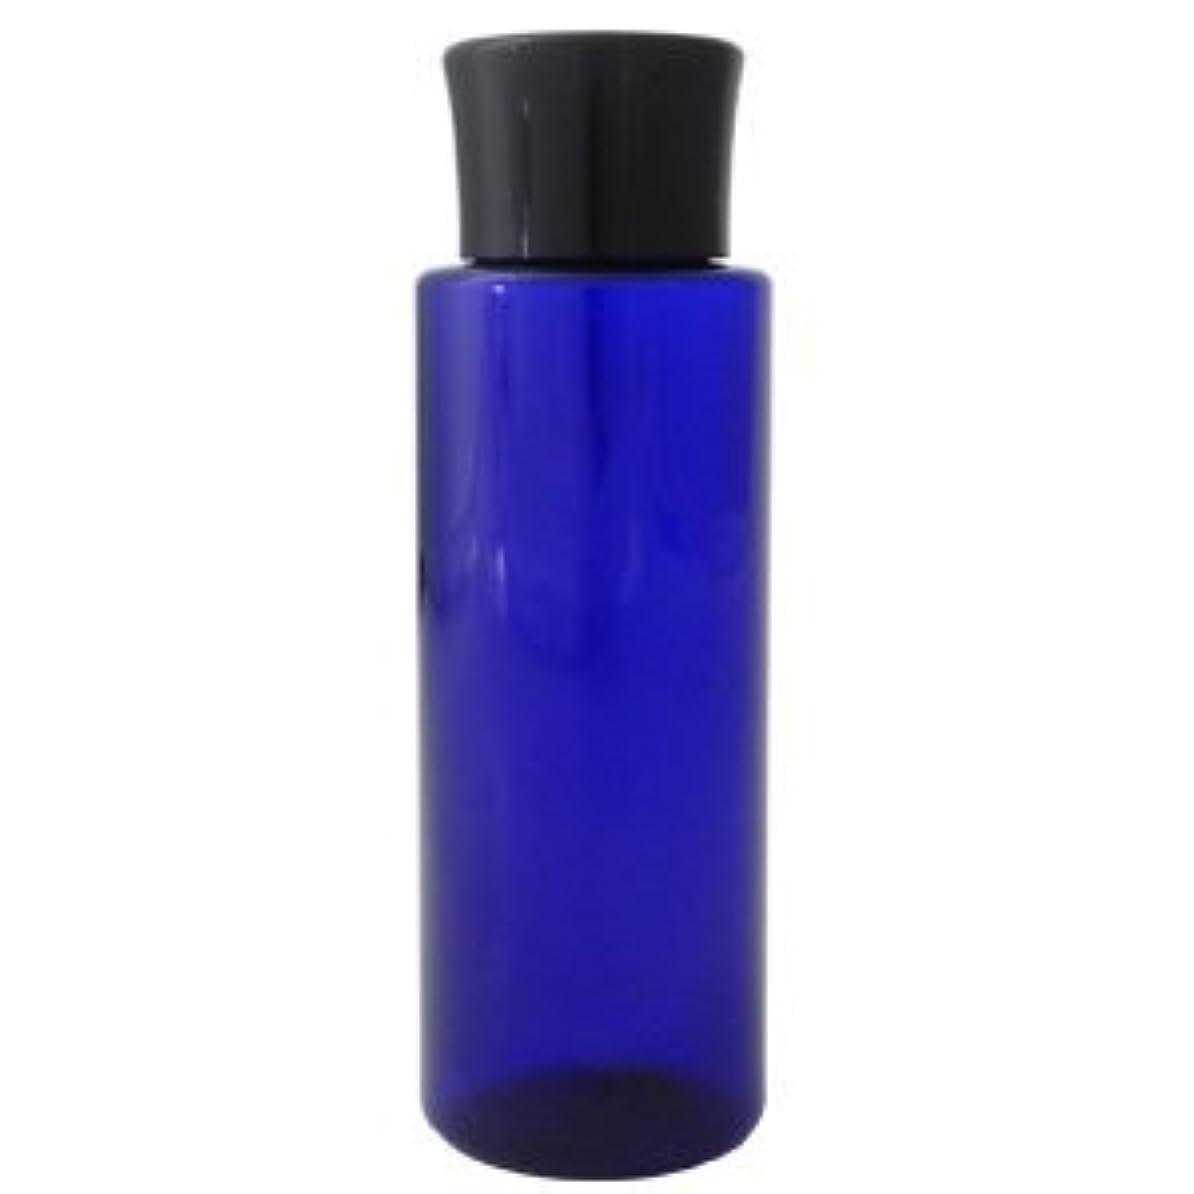 敬意を表する検出器印をつけるPETボトル コバルトブルー (青) 100ml *化粧水用中栓